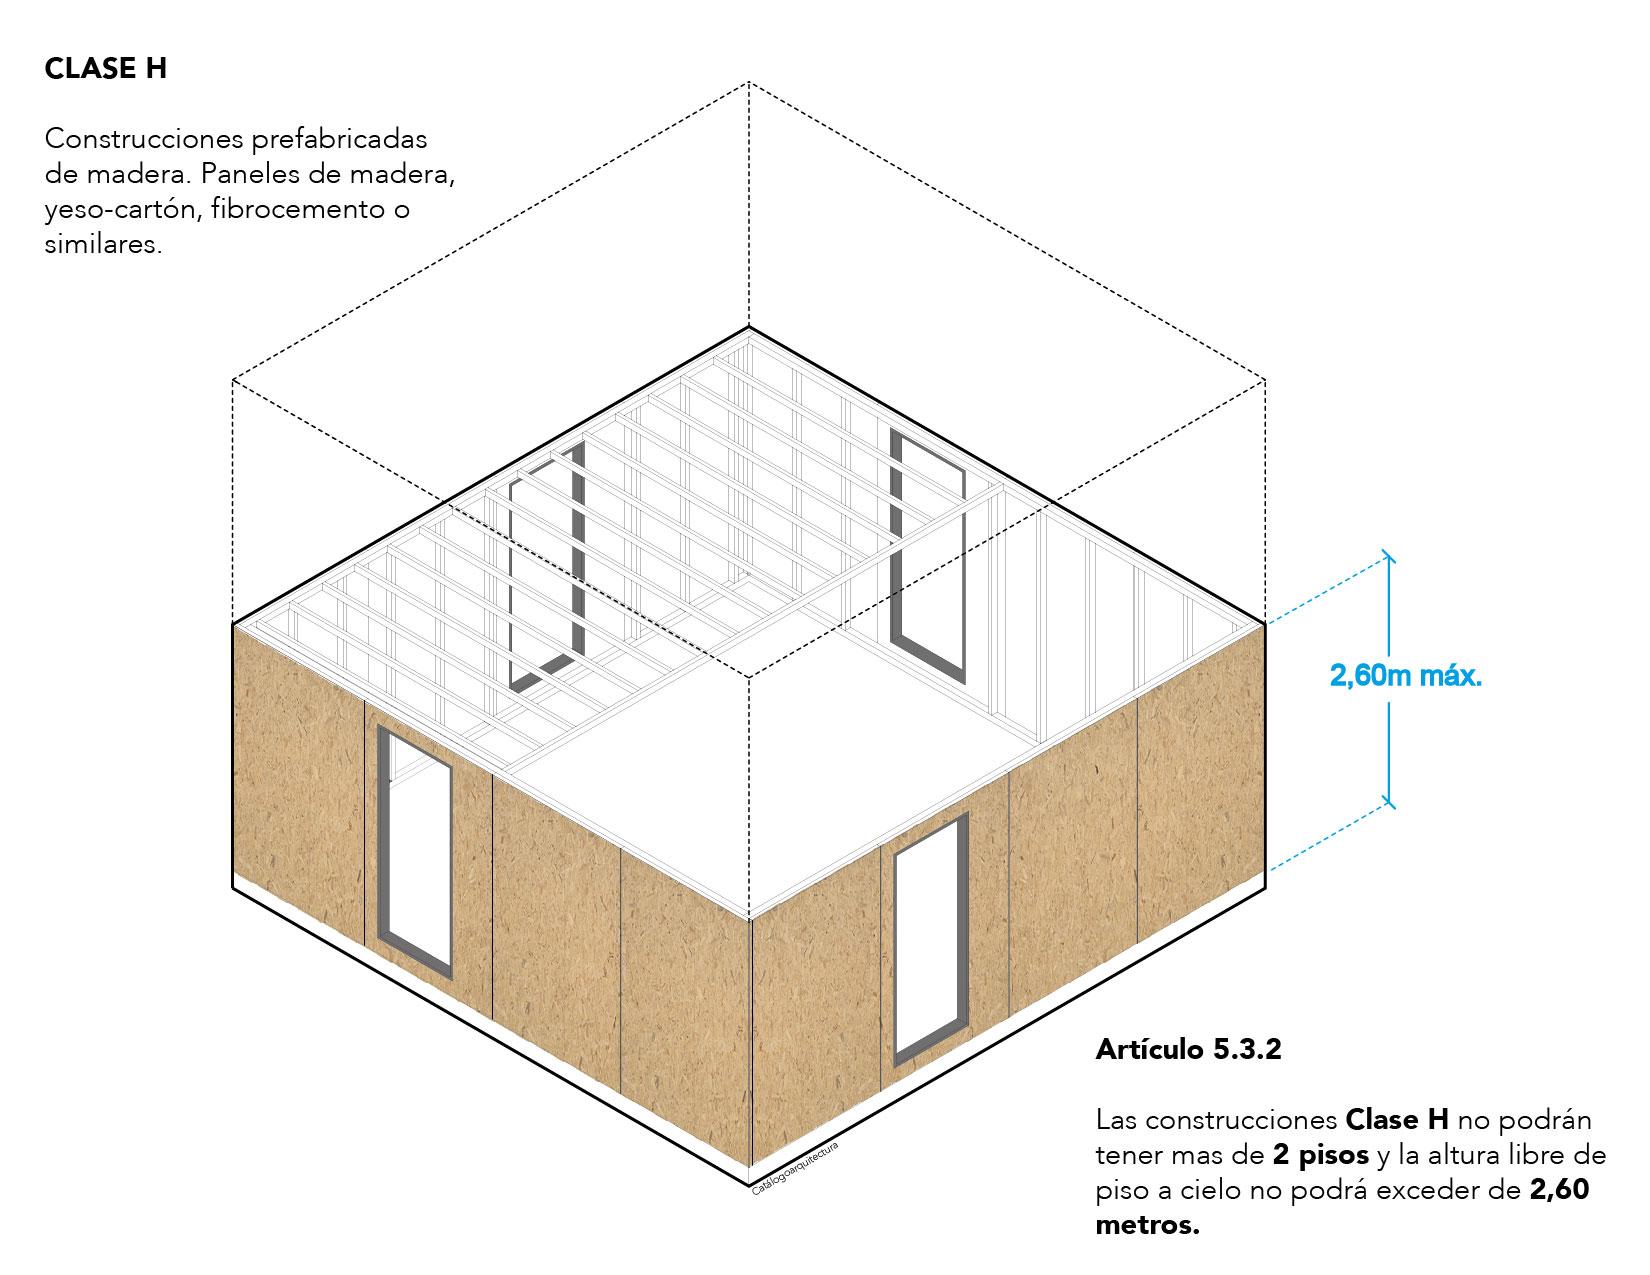 Altura construcción en panel prefabricado, clase h, OGUC, Chile.